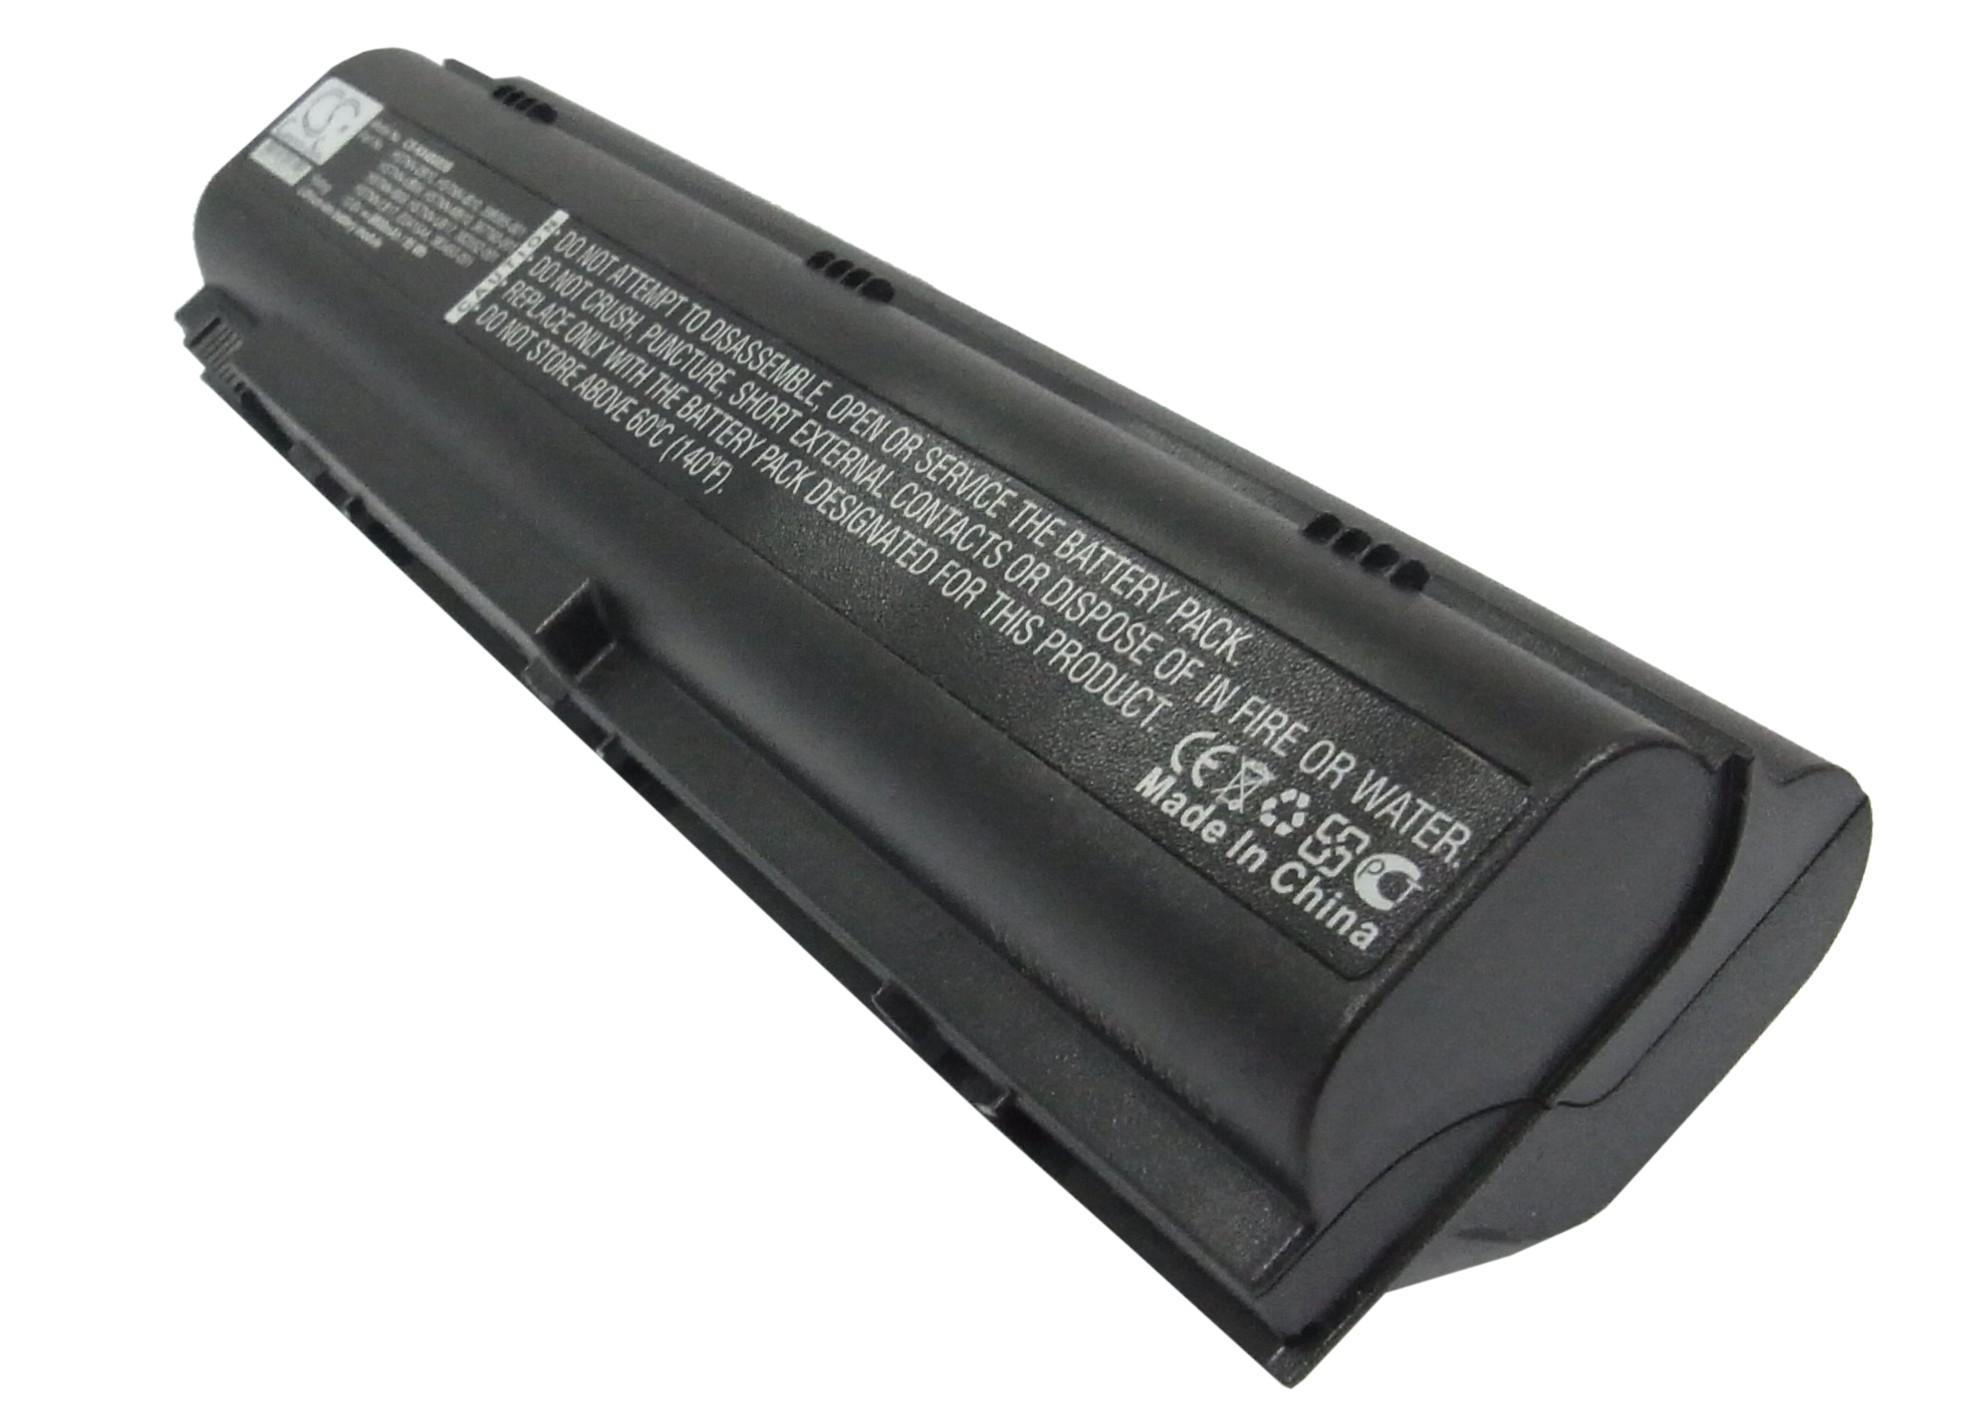 Cameron Sino baterie do notebooků pro HP Pavilion dv4000-PC269AV 10.8V Li-ion 8800mAh černá - neoriginální